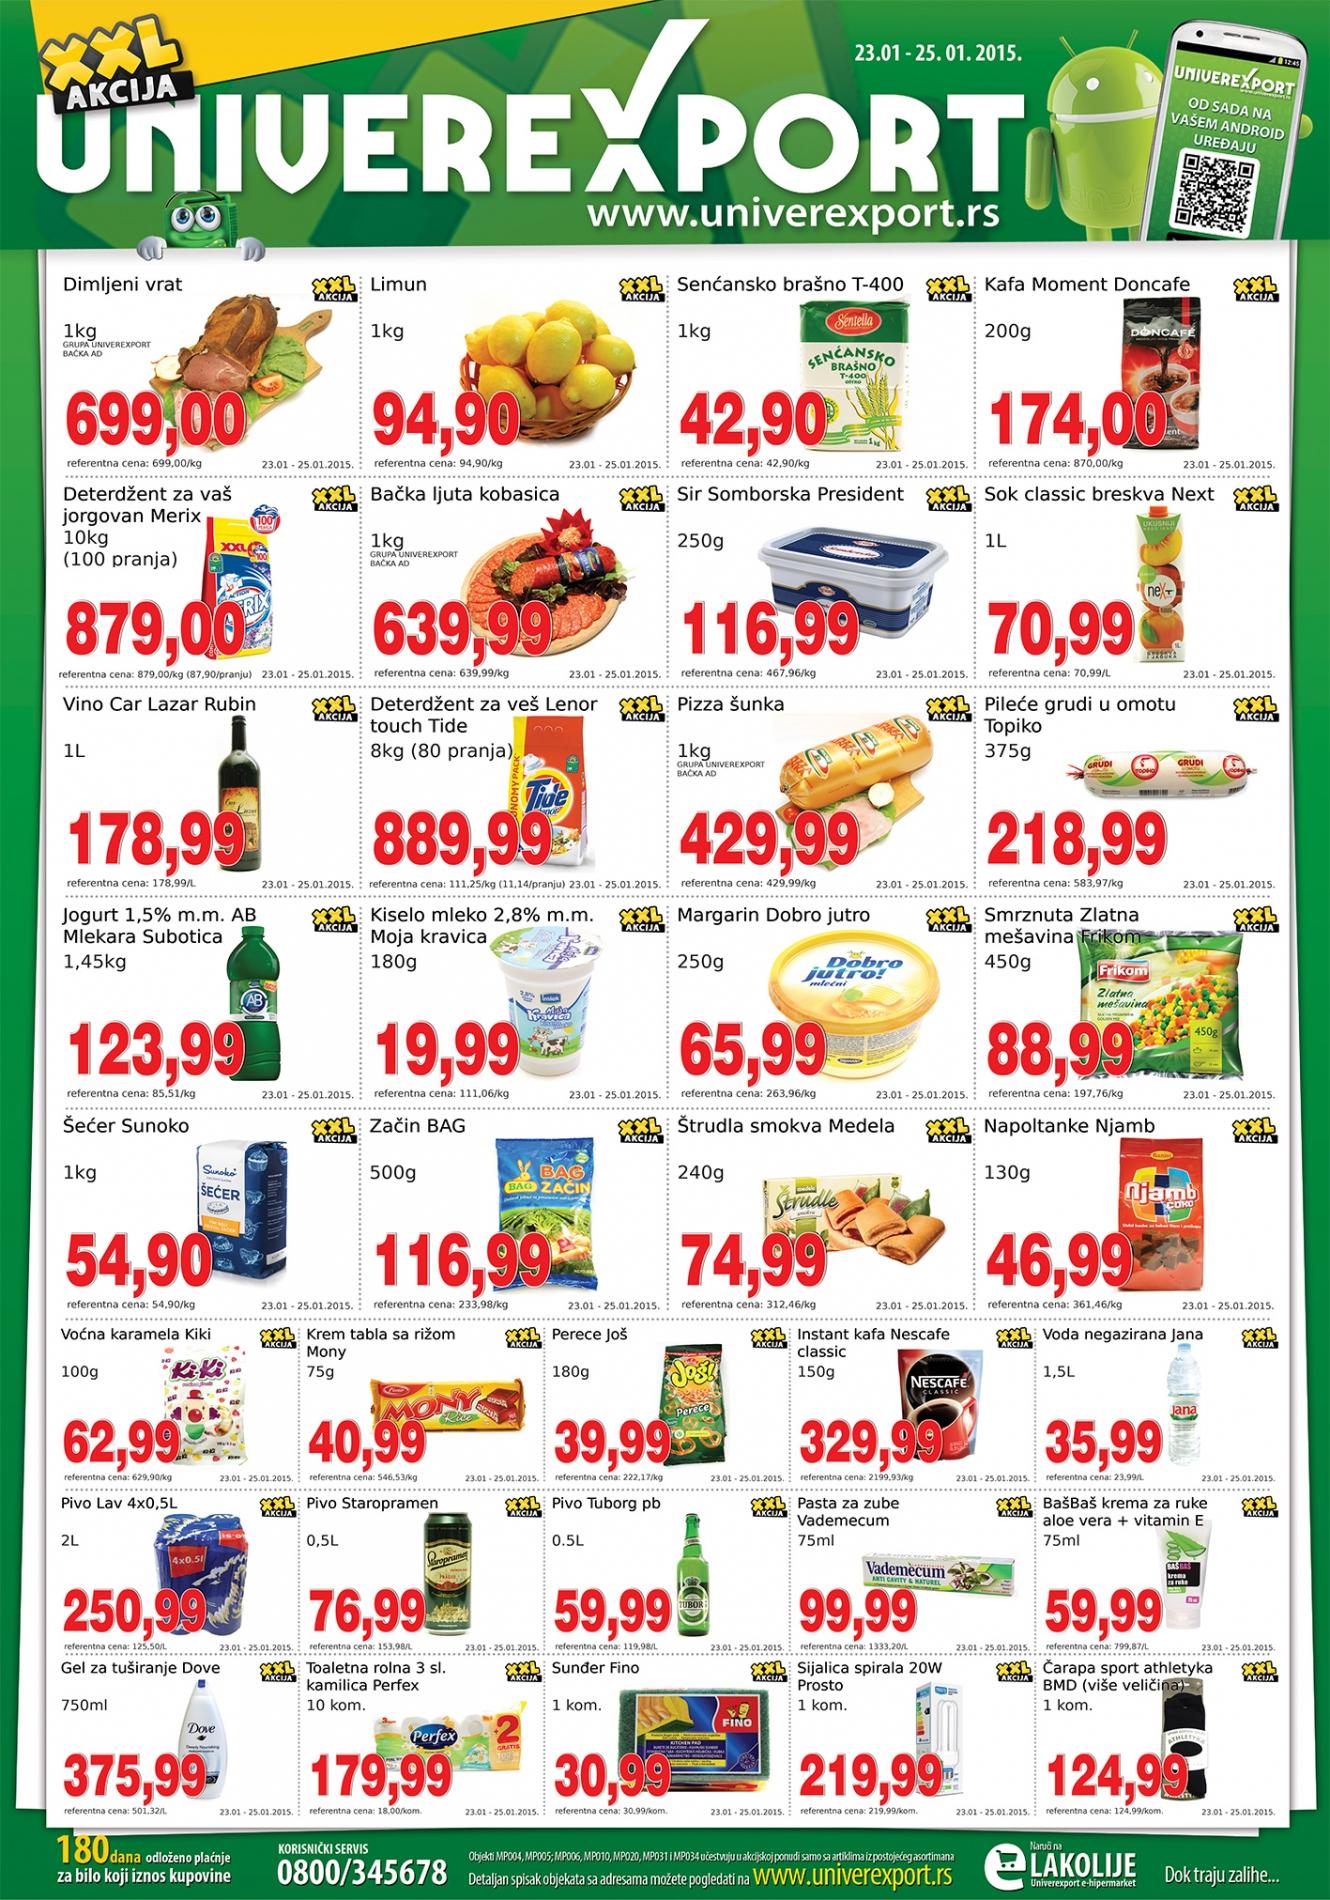 Univerexport akcija vikend sjajnih cena je spemna